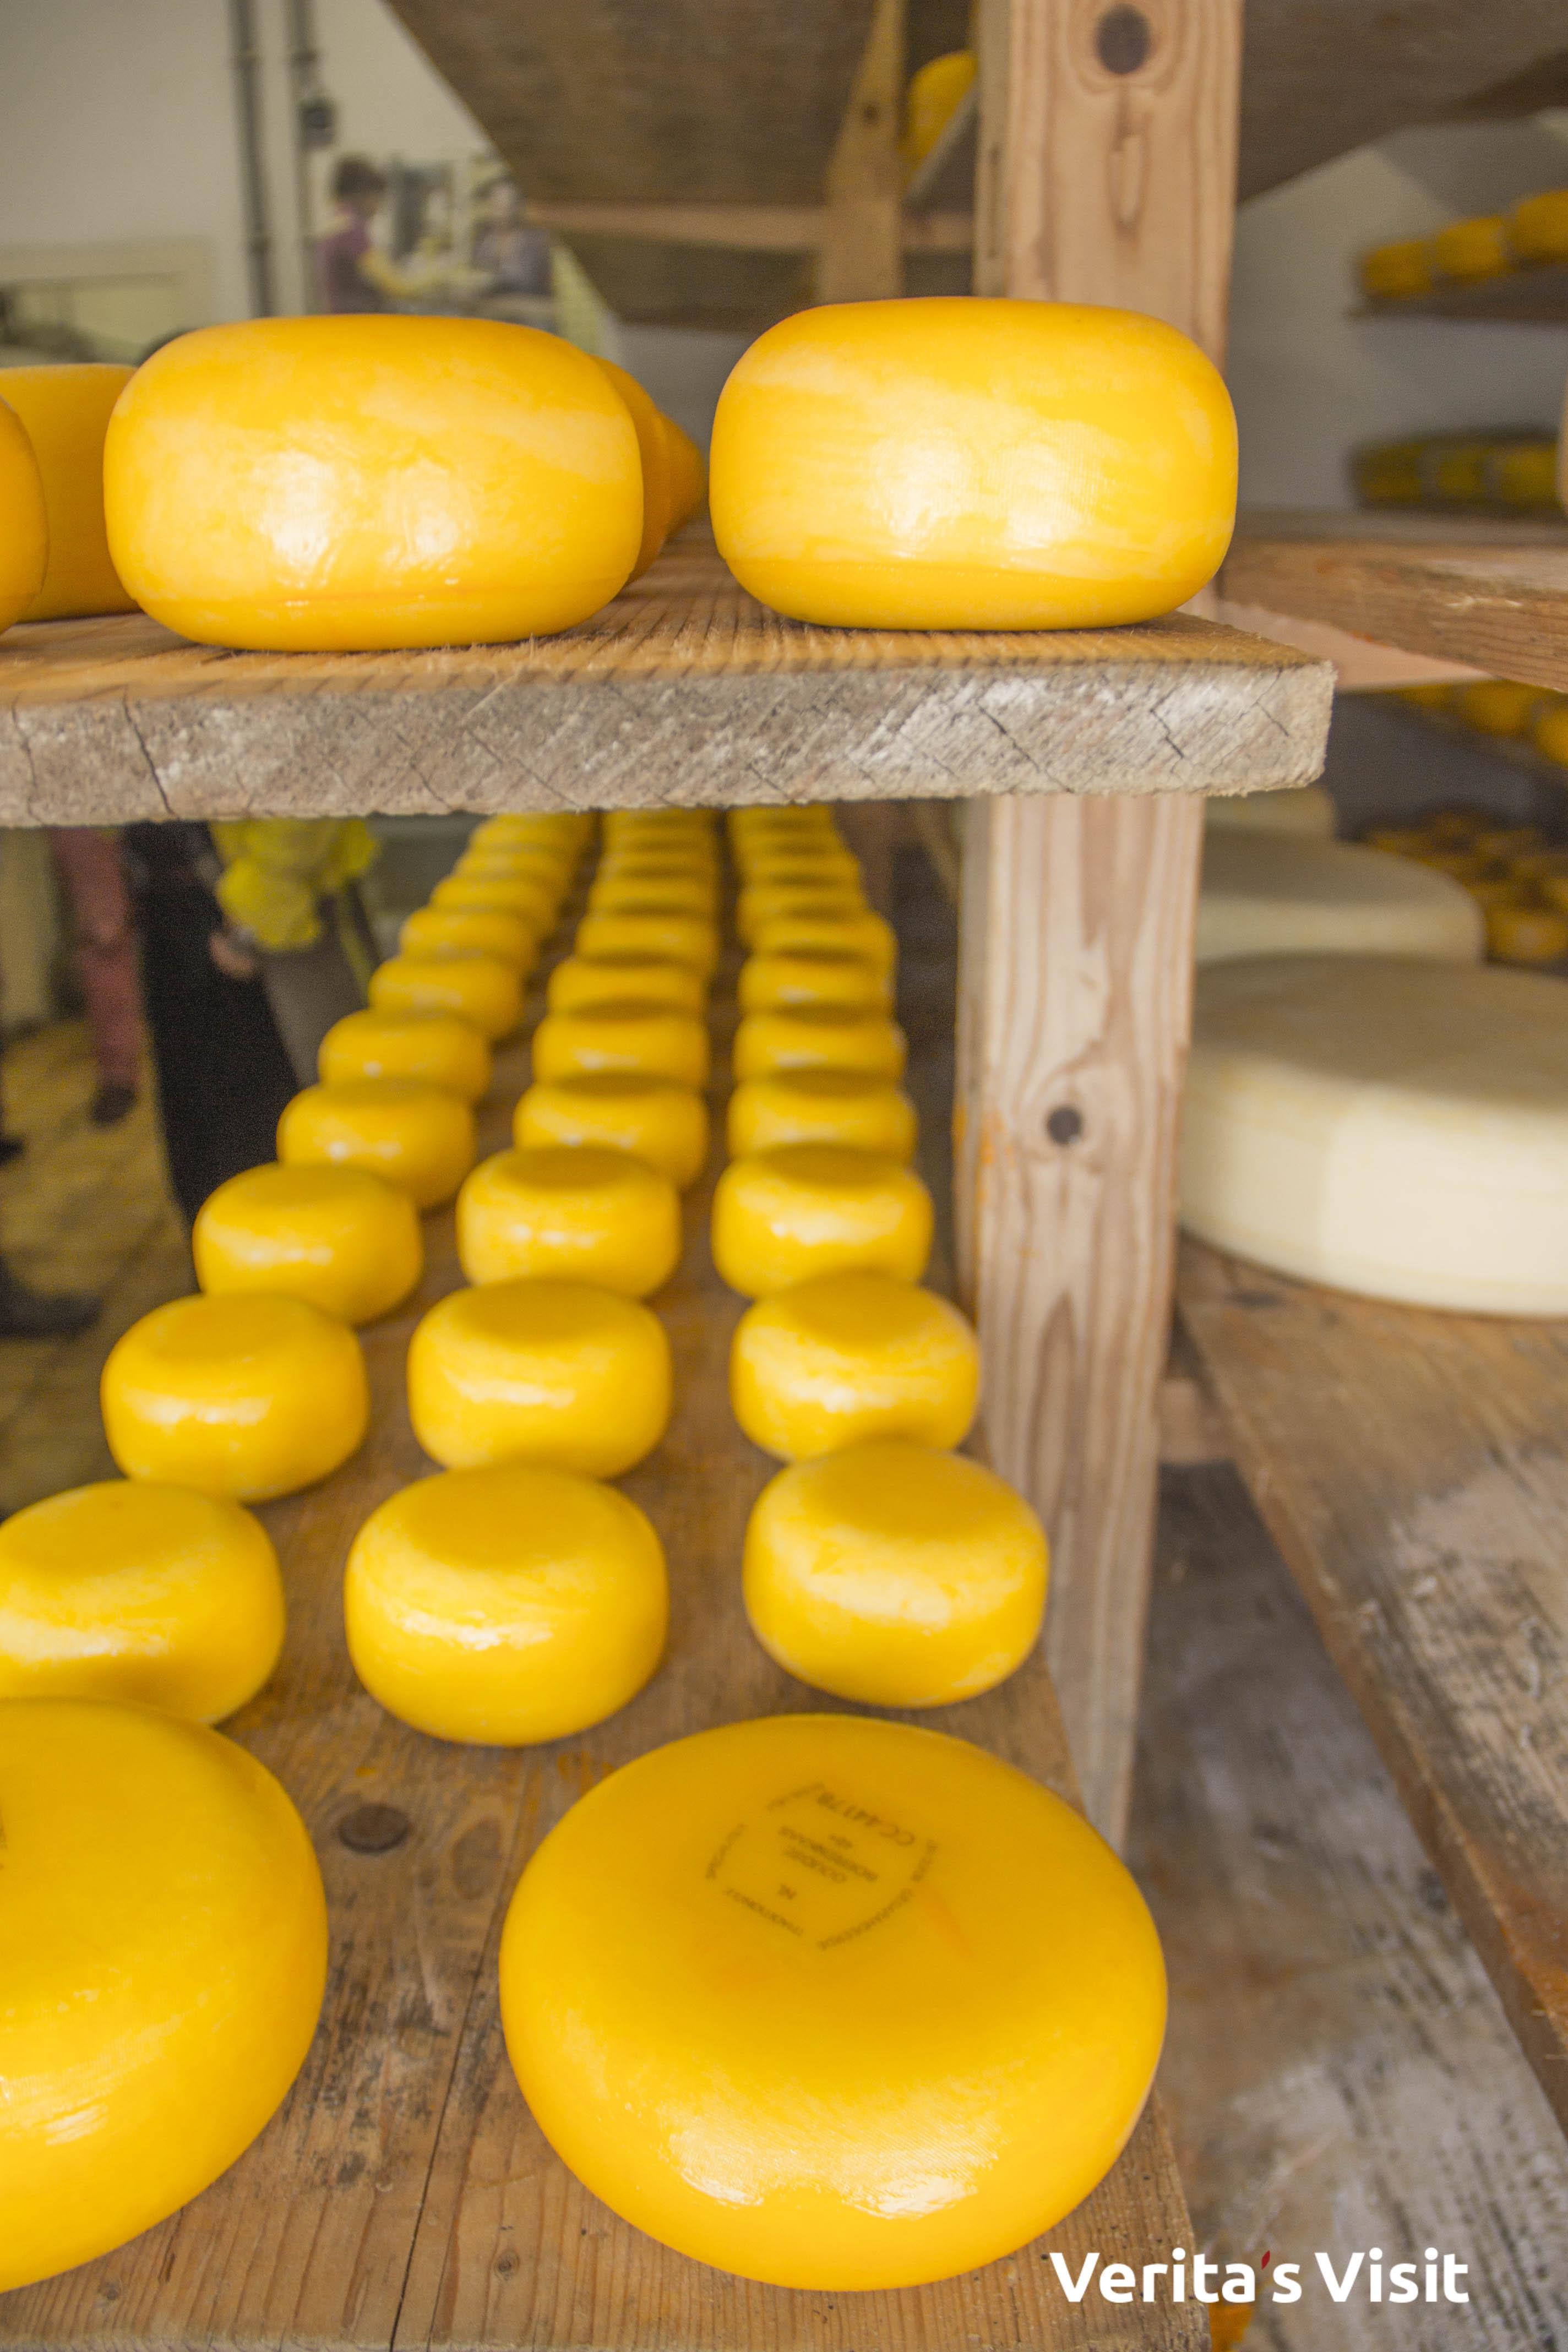 Leiden cheese & Gouda cheese